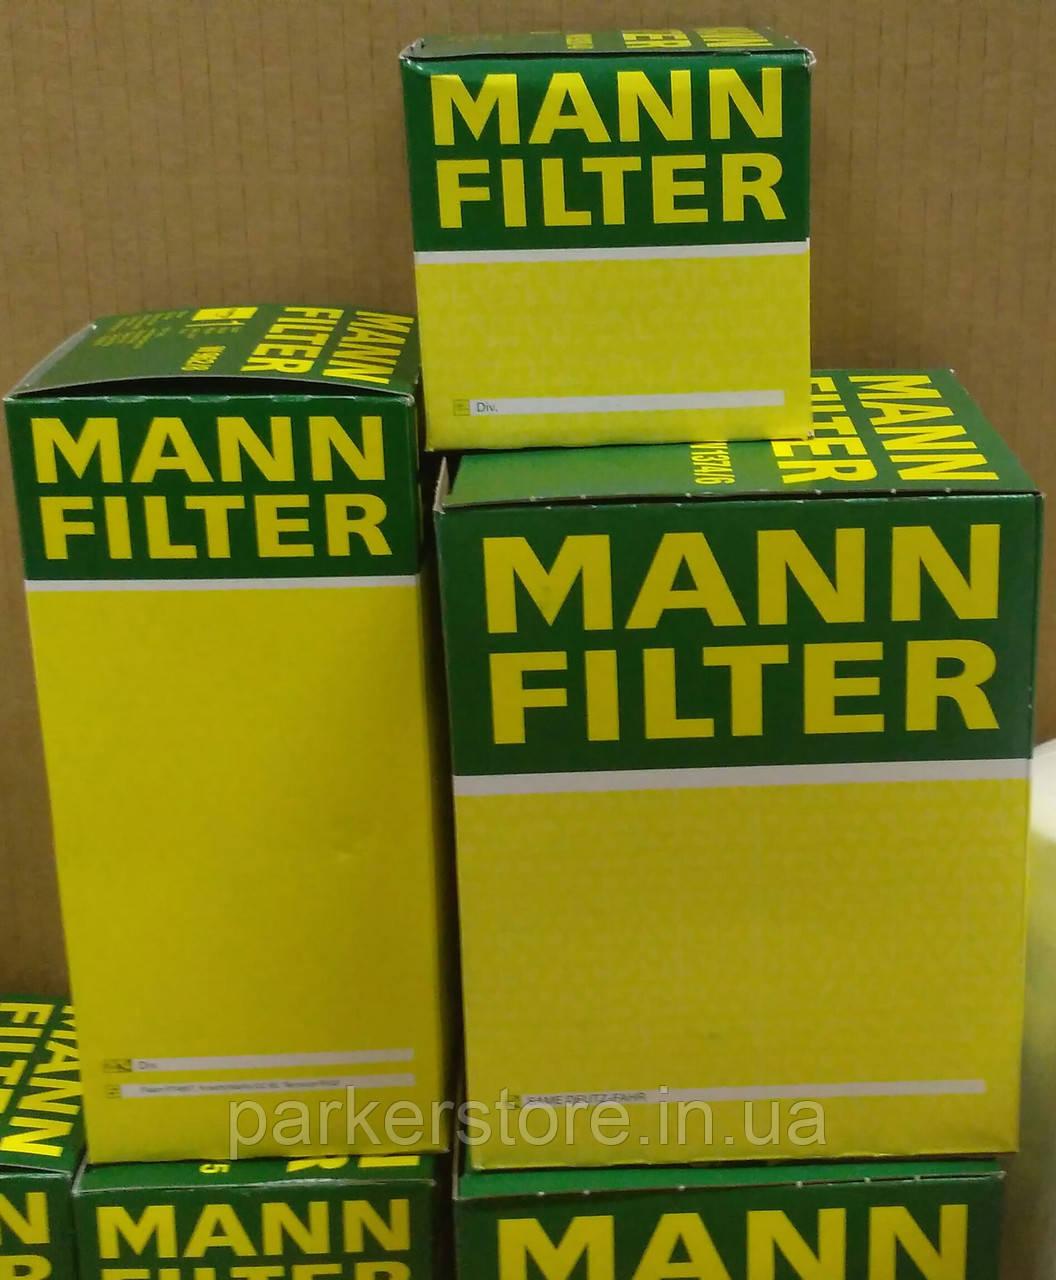 MANN FILTER / Воздушный фильтр / C 15 124/4 / C15124/4